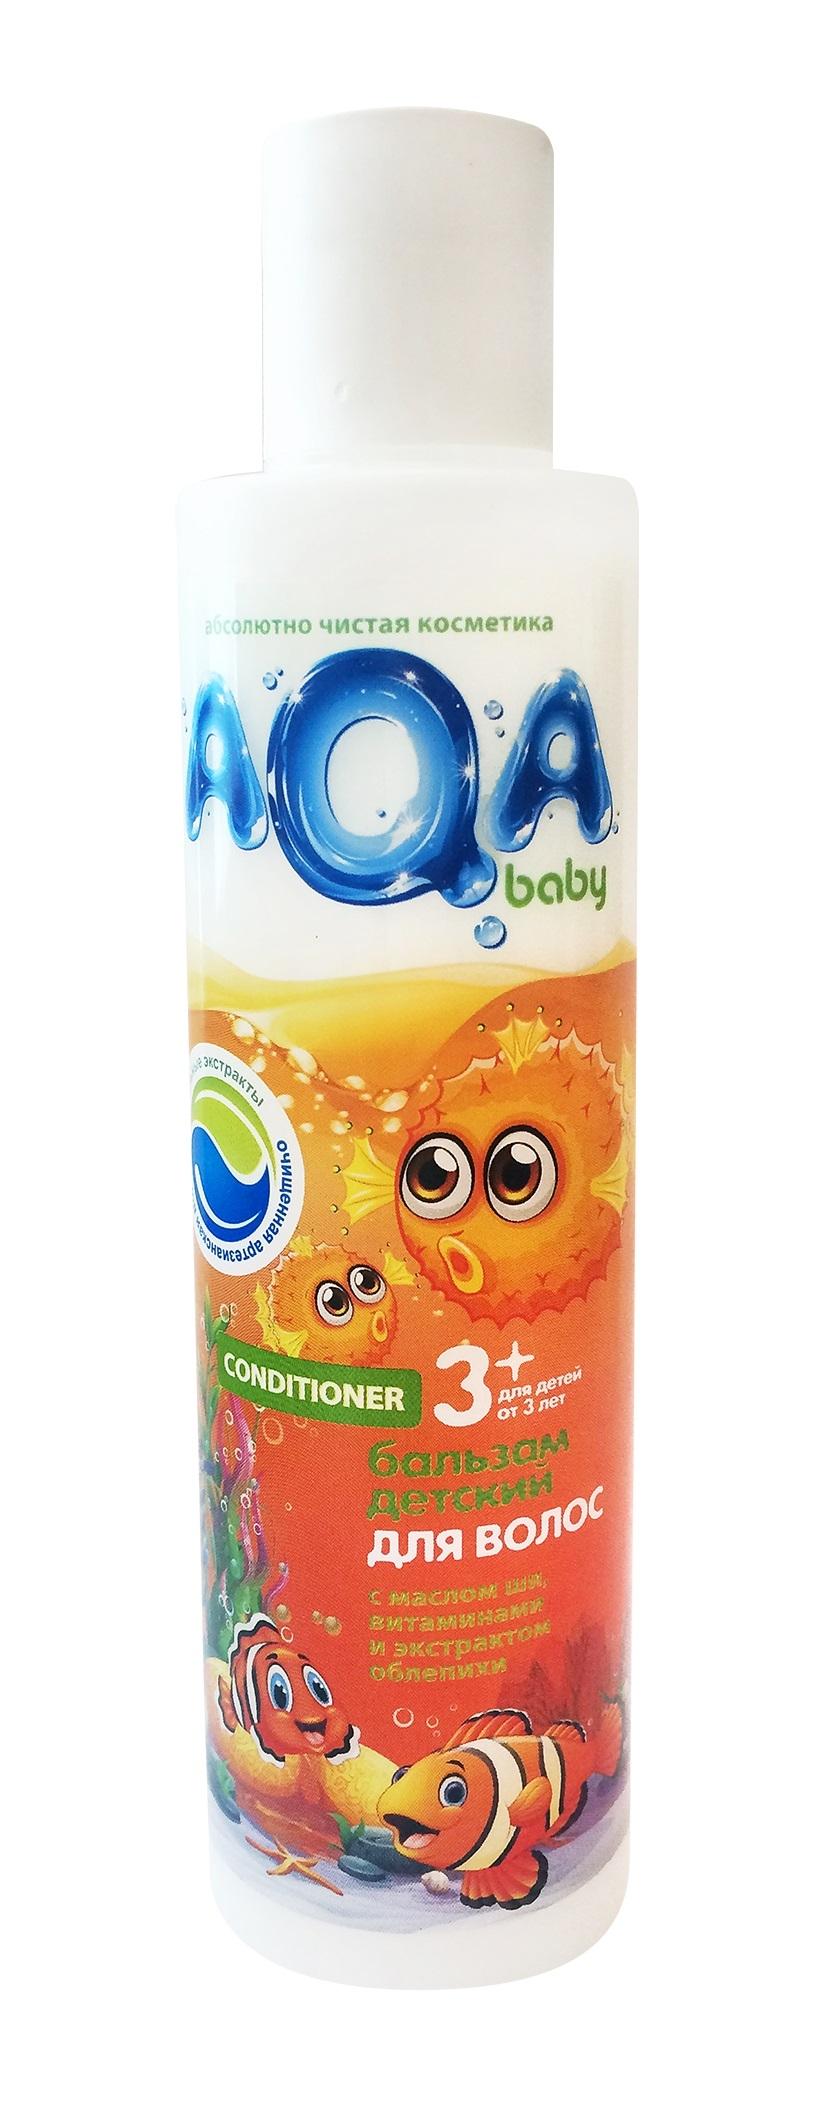 Шампуни и бальзамы AQA baby Бальзам для волос AQA Baby Kids 210 мл бальзам для волос aqa baby kids 210 мл